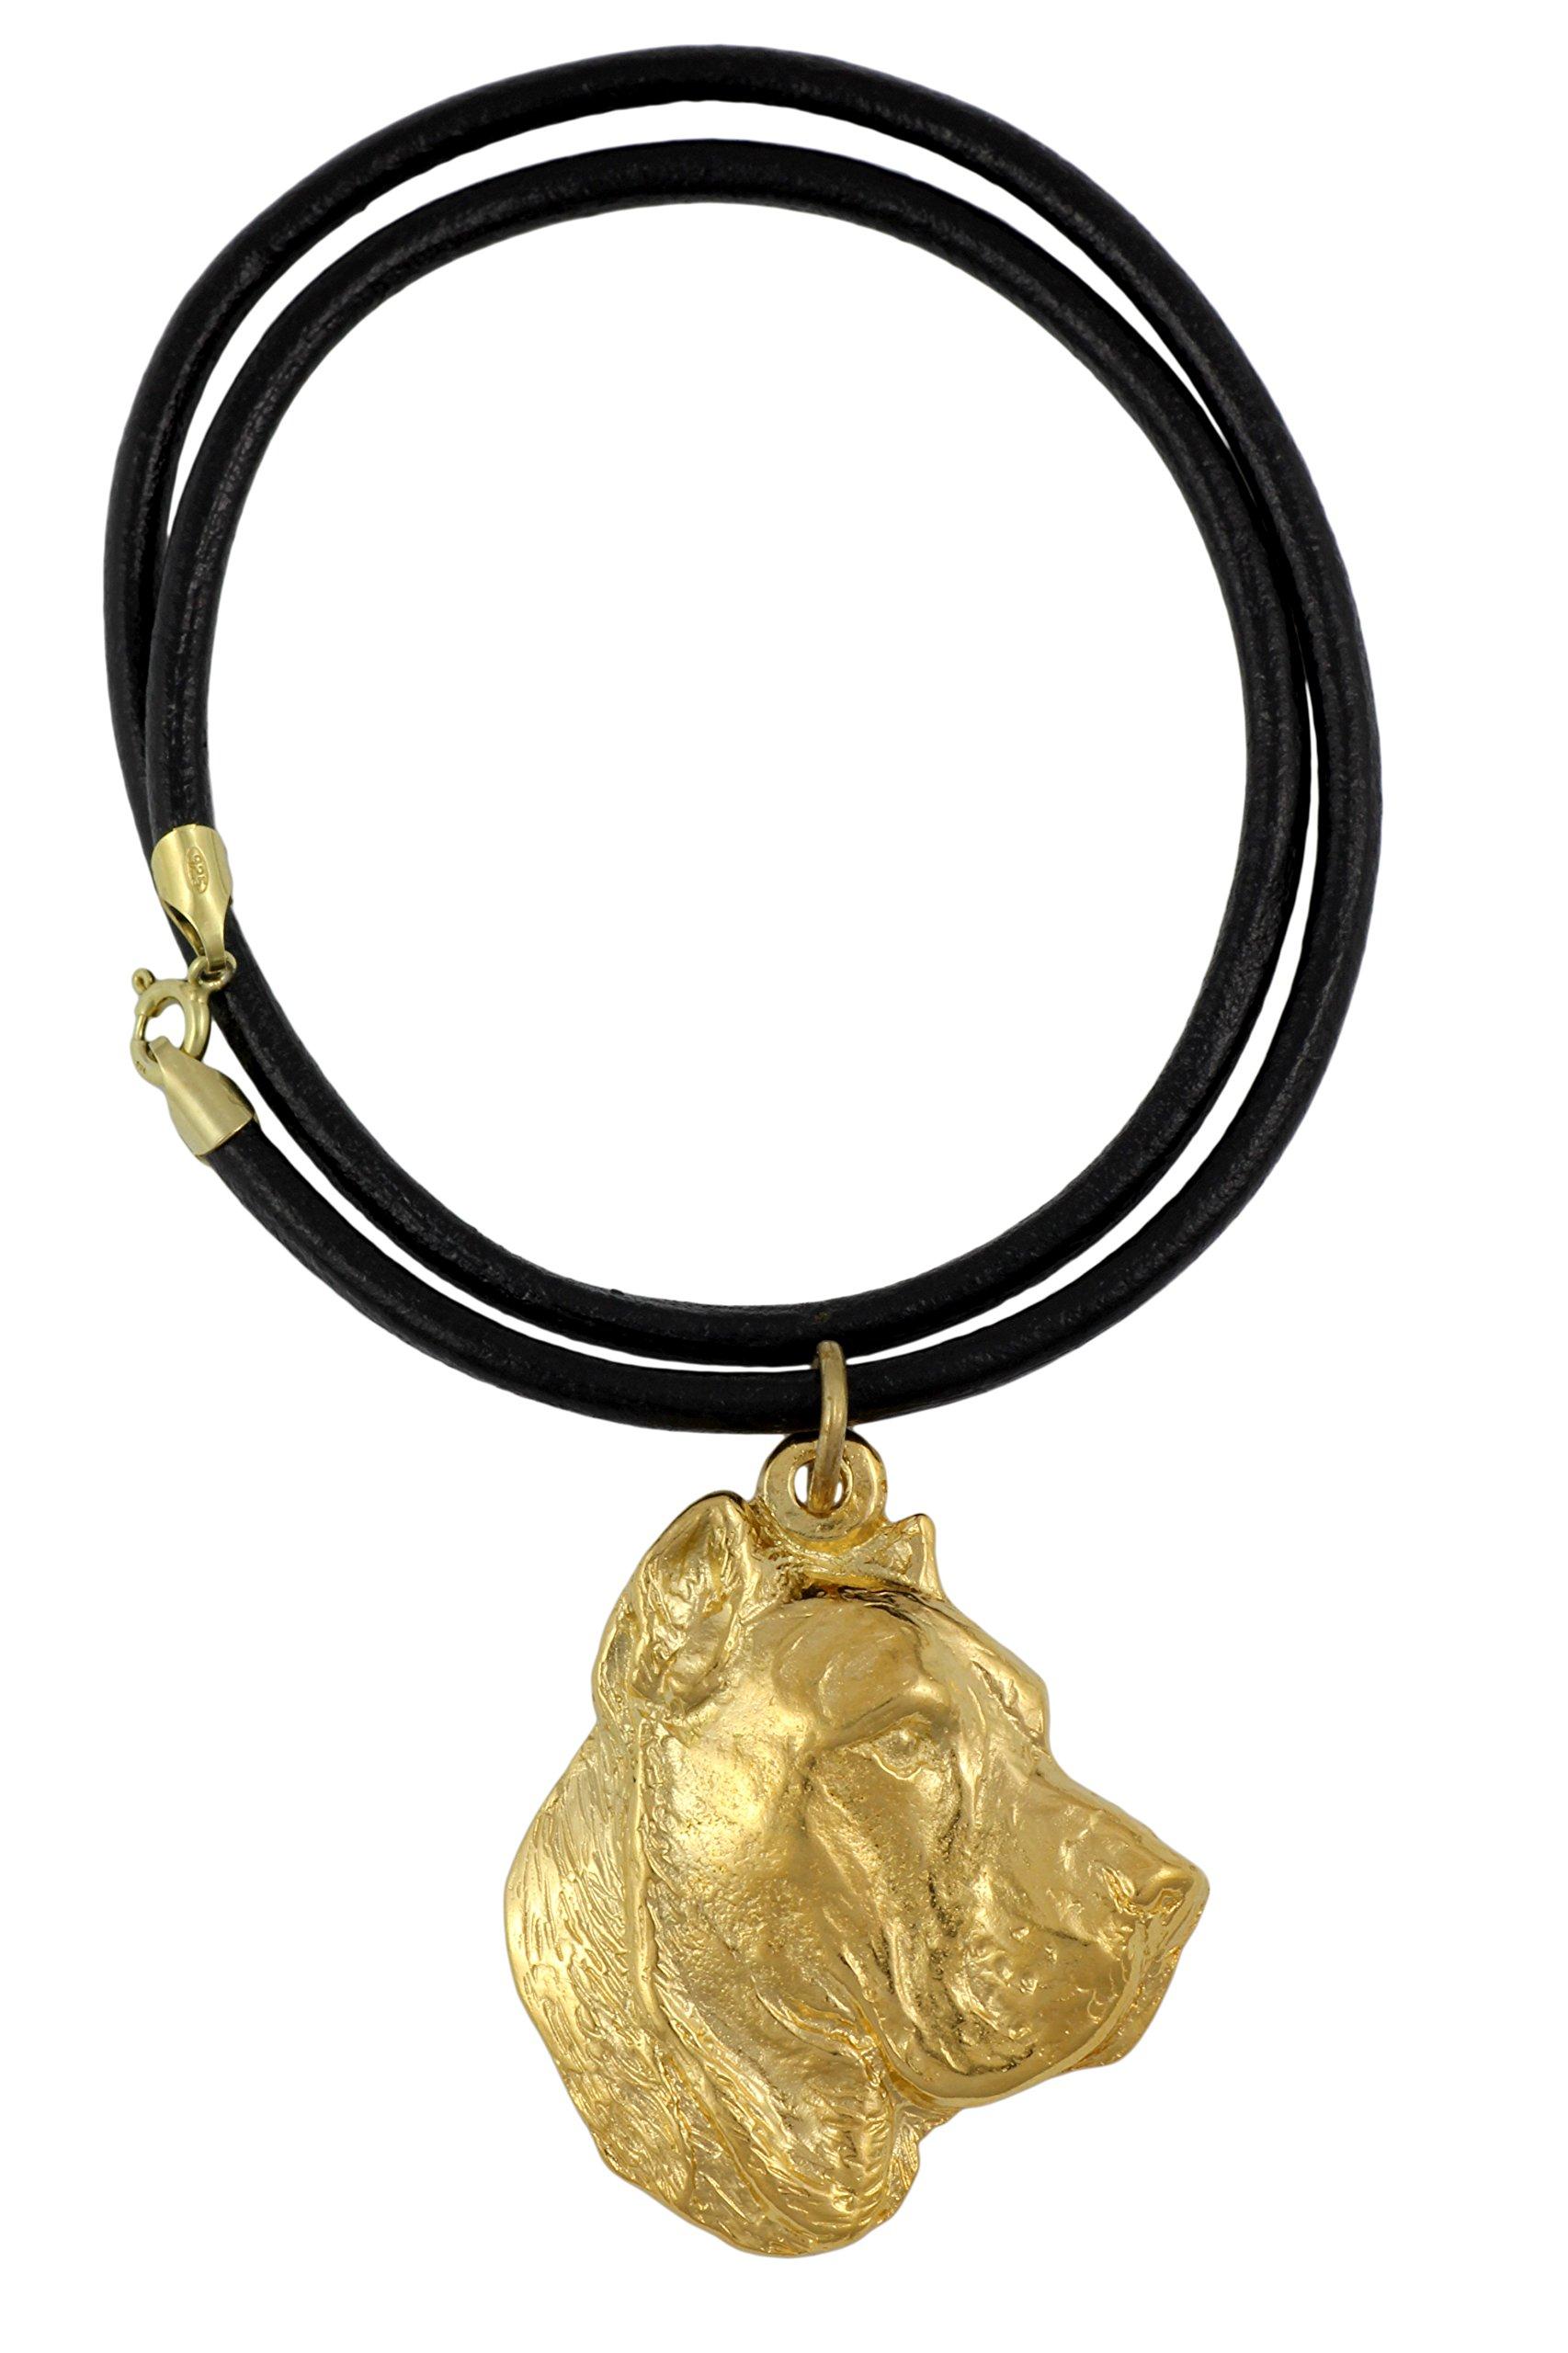 Presa Canario, Perro De Presa Canario, Millesimal Fineness 999, Dog Necklaces, Limited Edition, Artdog